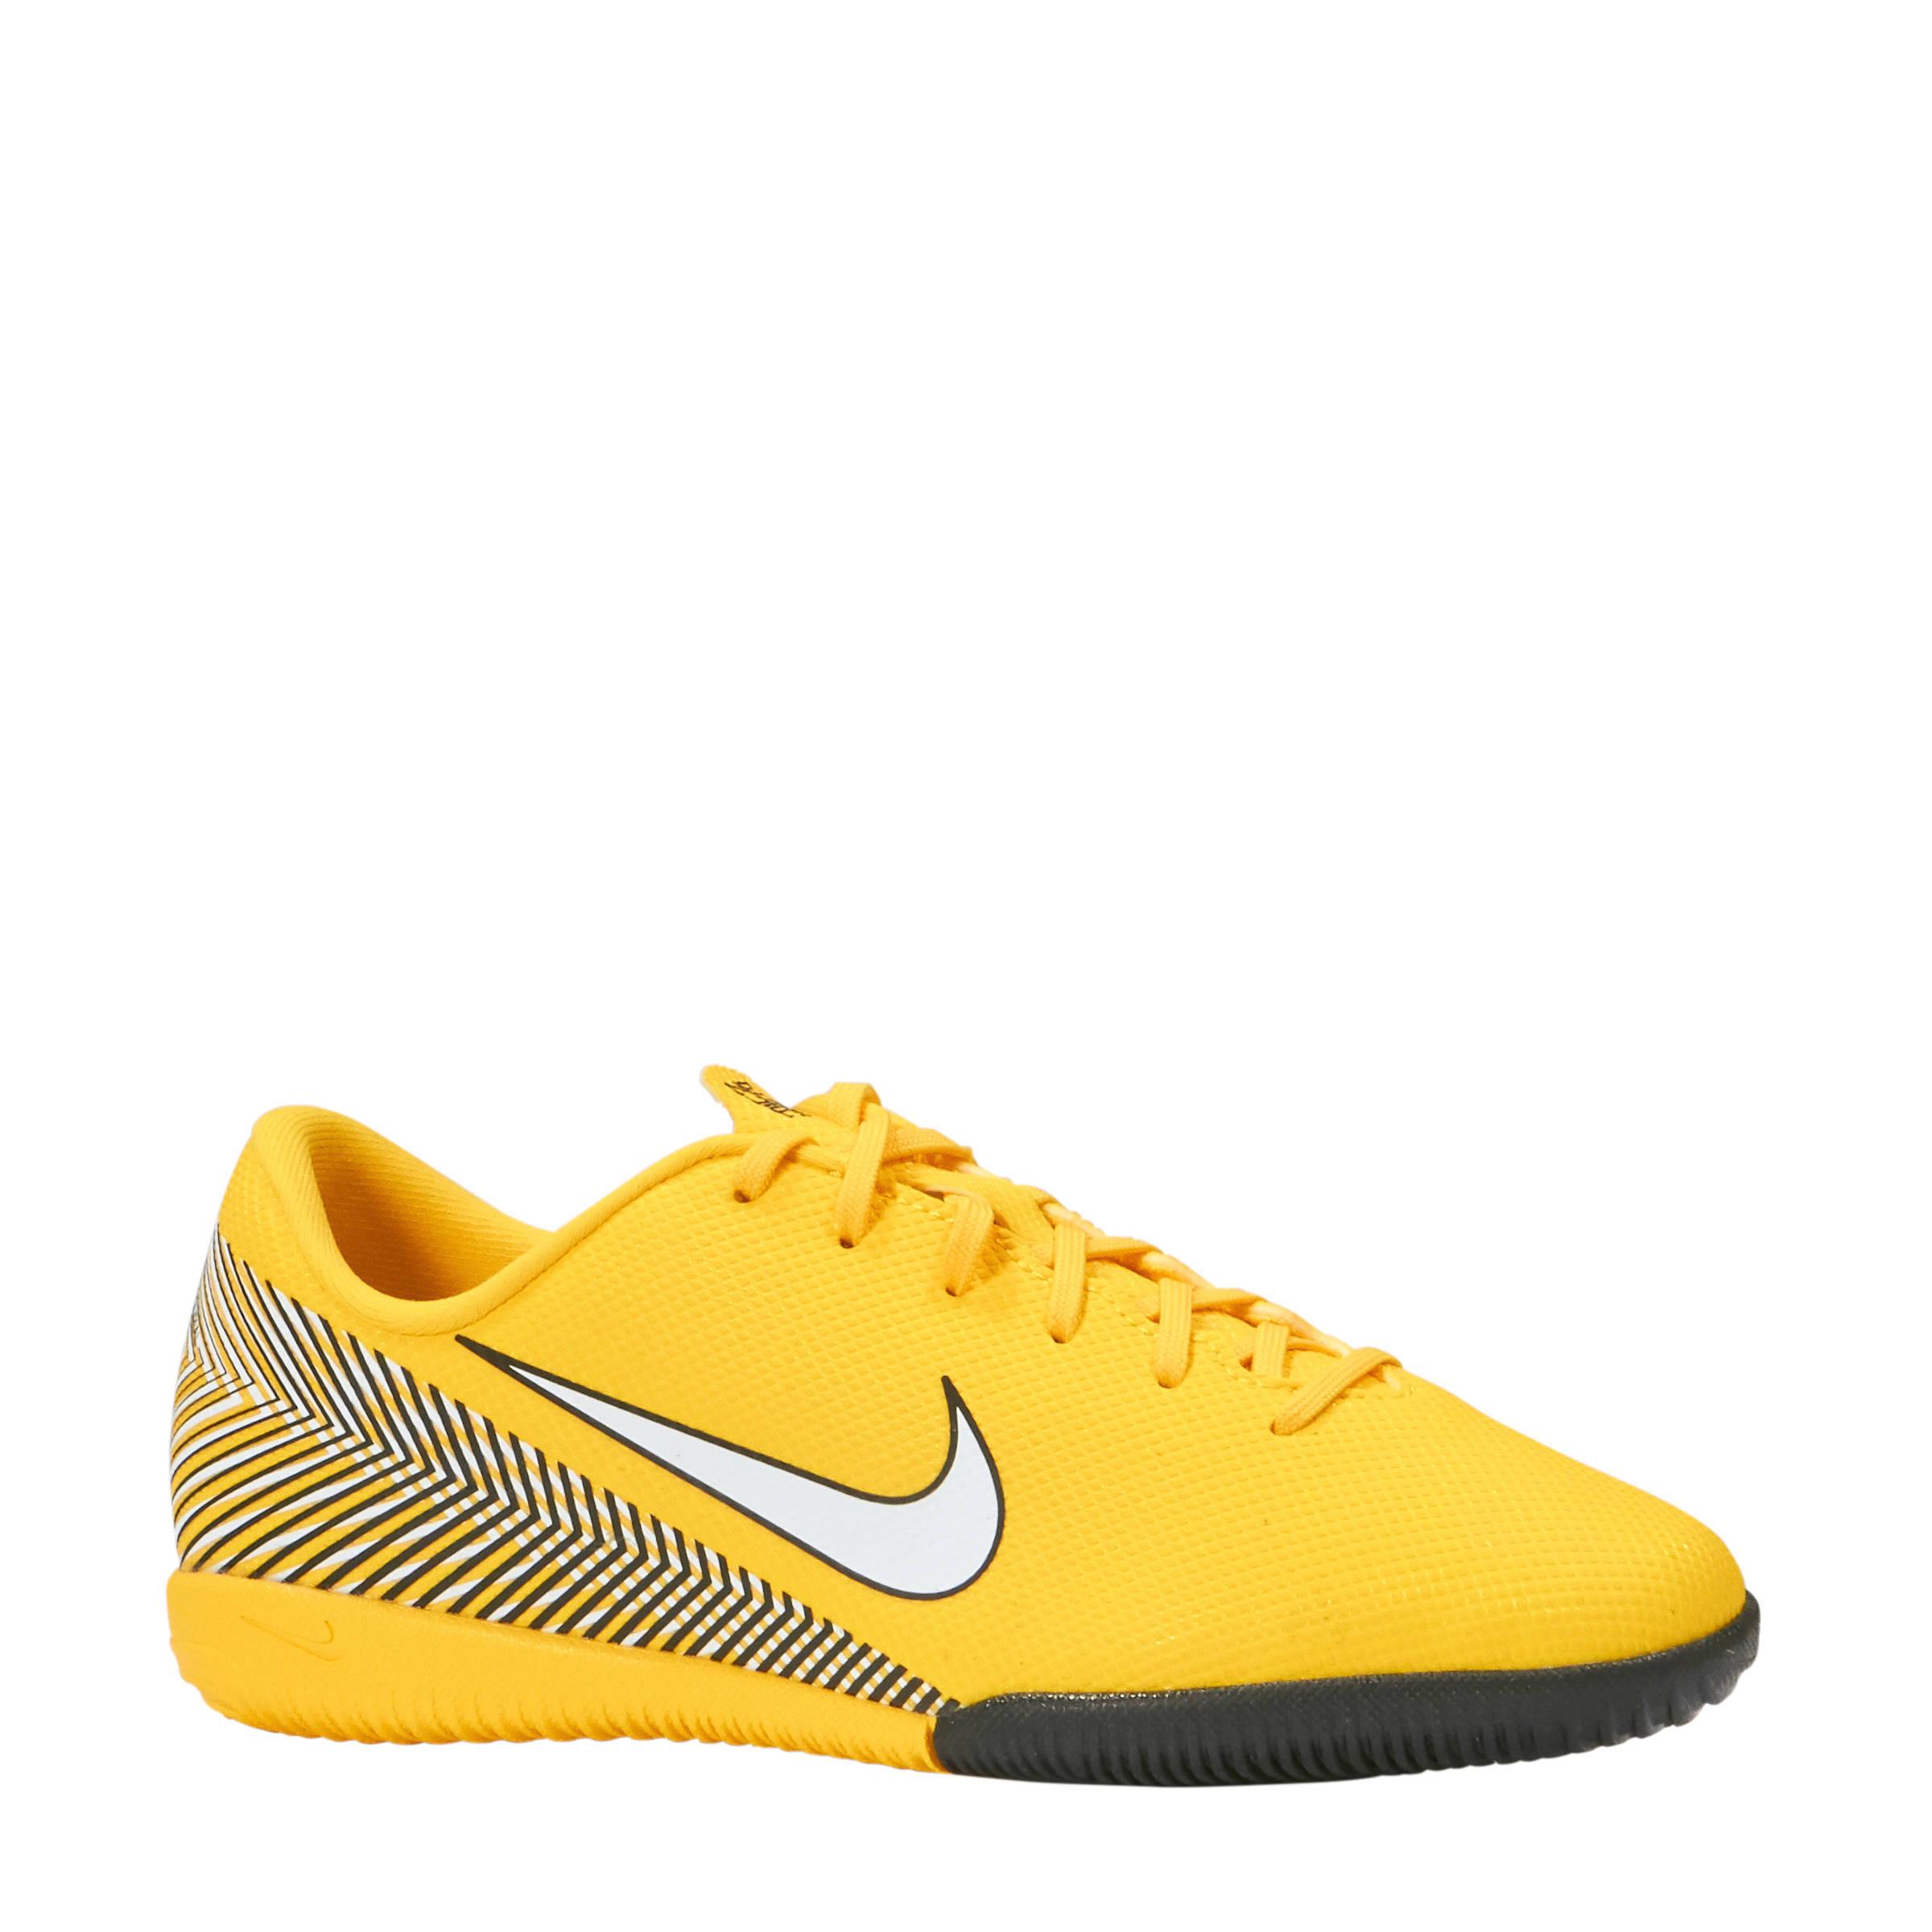 078ca637564 nike -jr-vapor-12-academy-neymar-jr-ic-zaalvoetbalschoenen-geel-geel-0191884292077.jpg